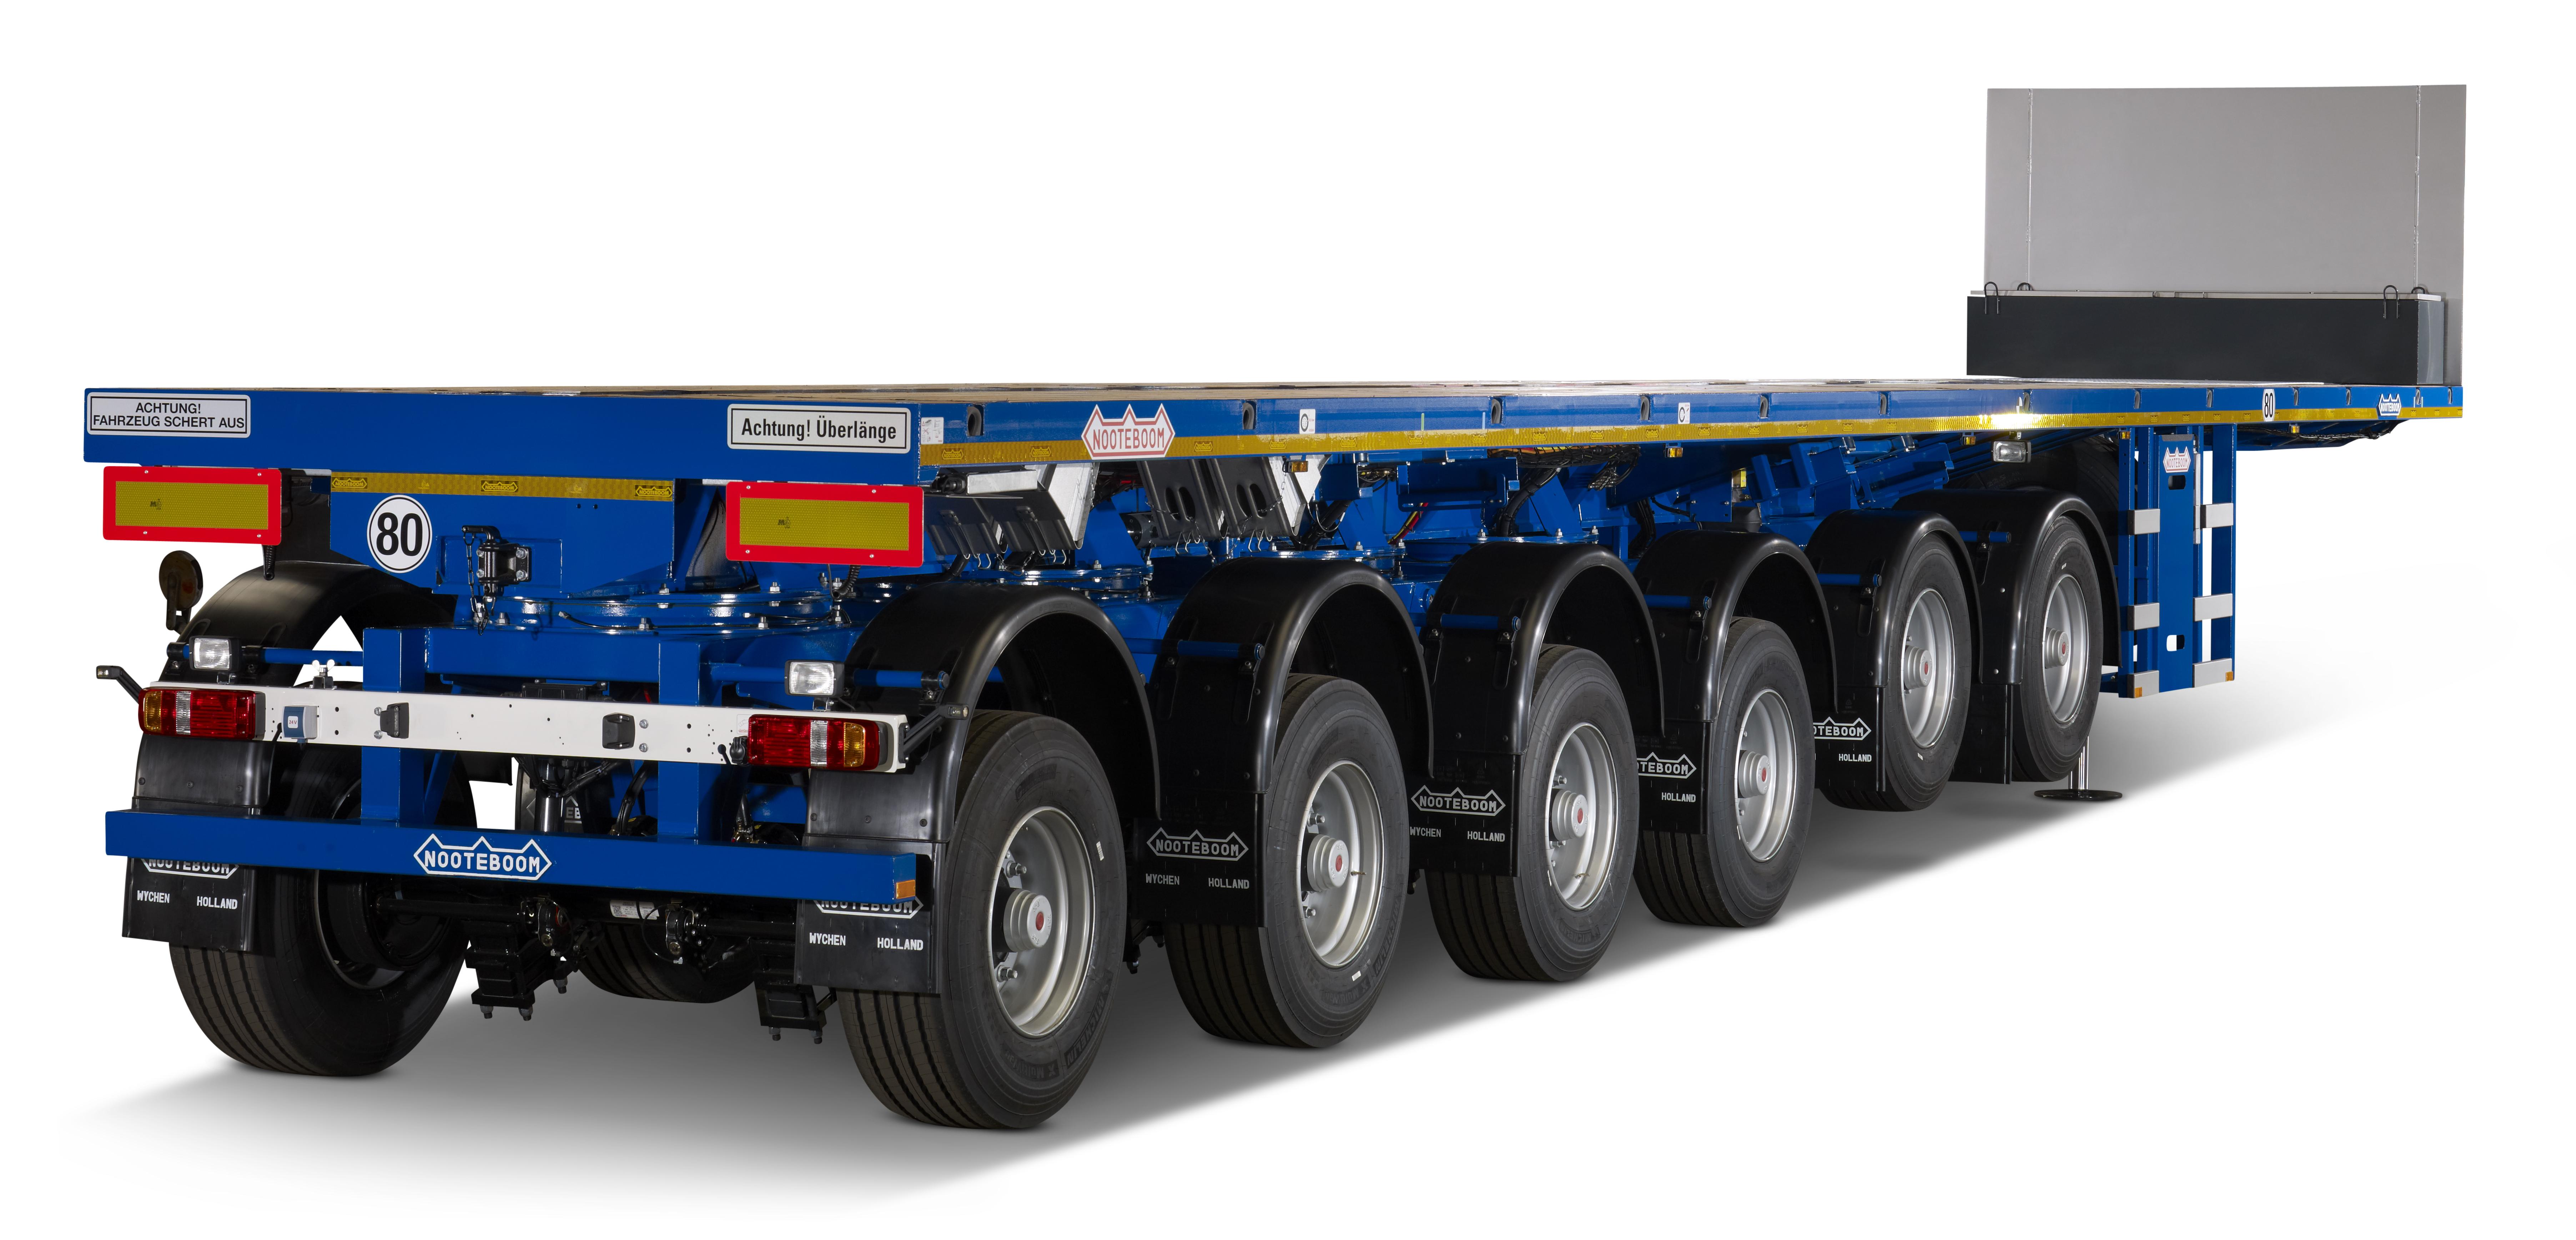 <p>PowerUpmaakt hydraulisch geveerde liftassen mogelijk.</p>